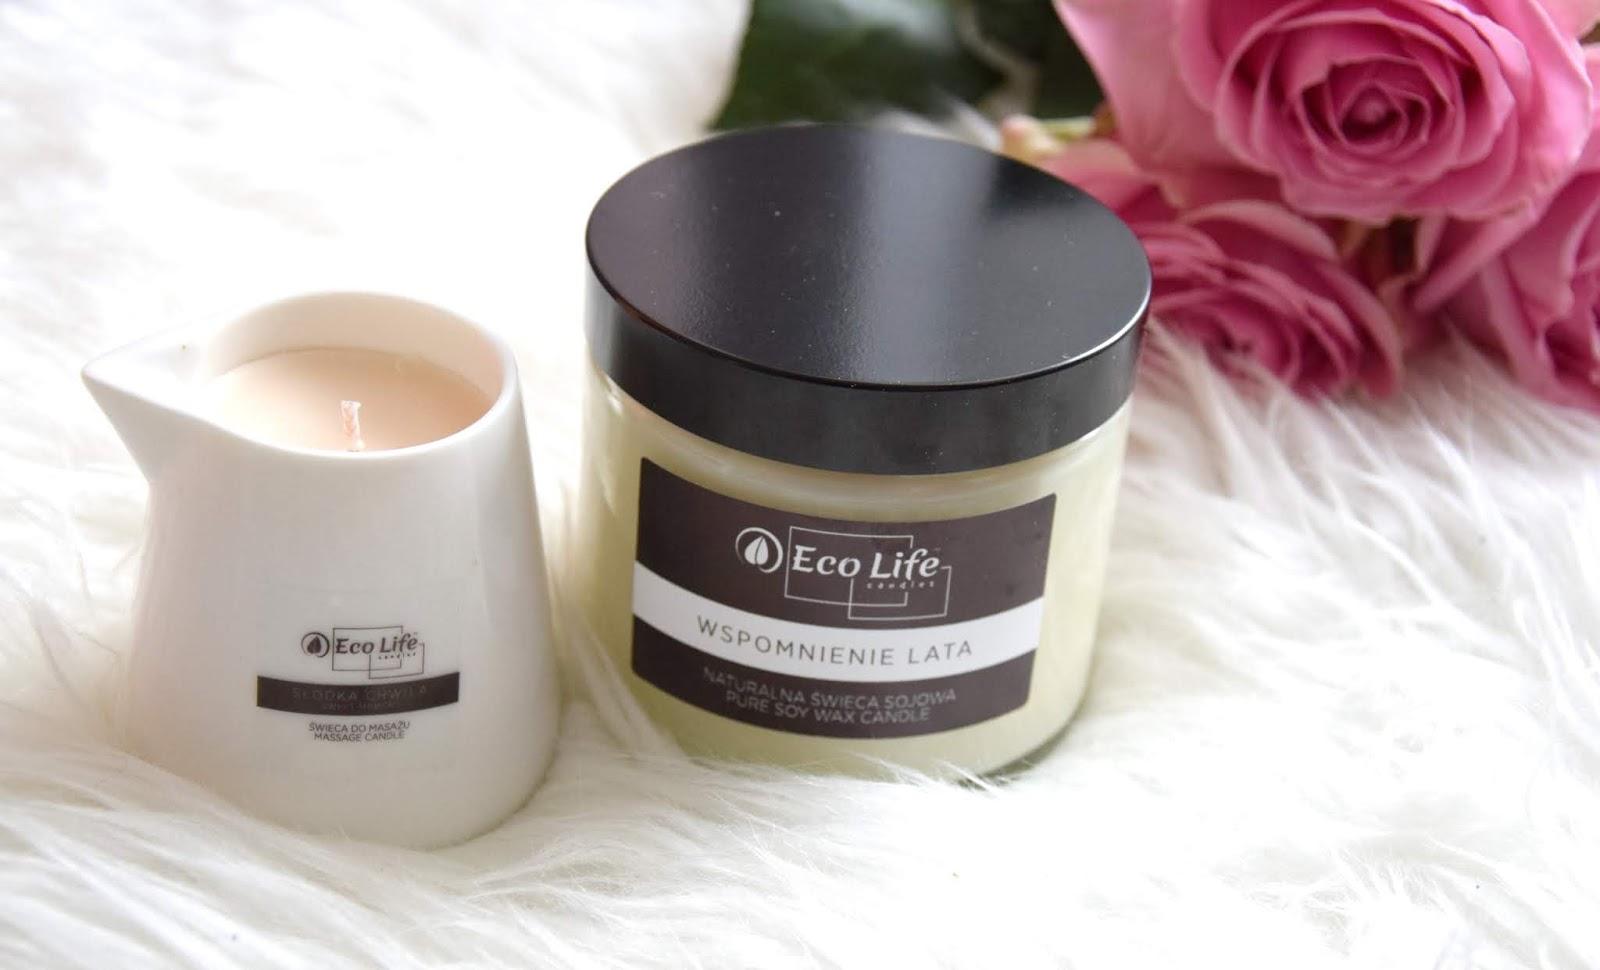 Eco Life Candles: Naturalne świece sojowe oraz świece do masażu.